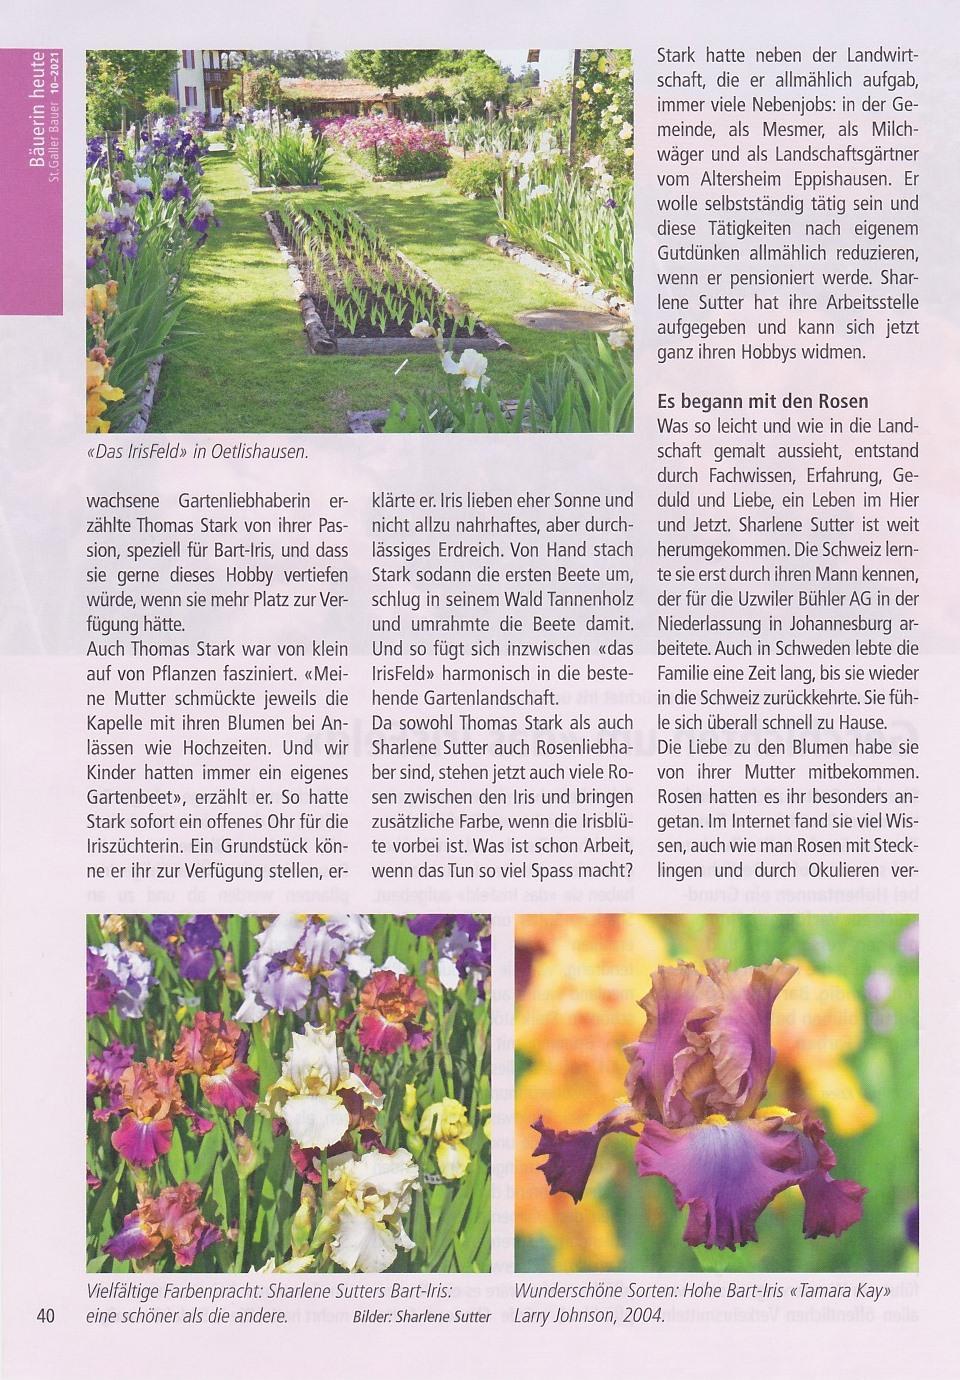 St. Galler Bauer  - Nummer 10 - 12. März 2021, Seite 40 - Geschichten um 'das IrisFeld'